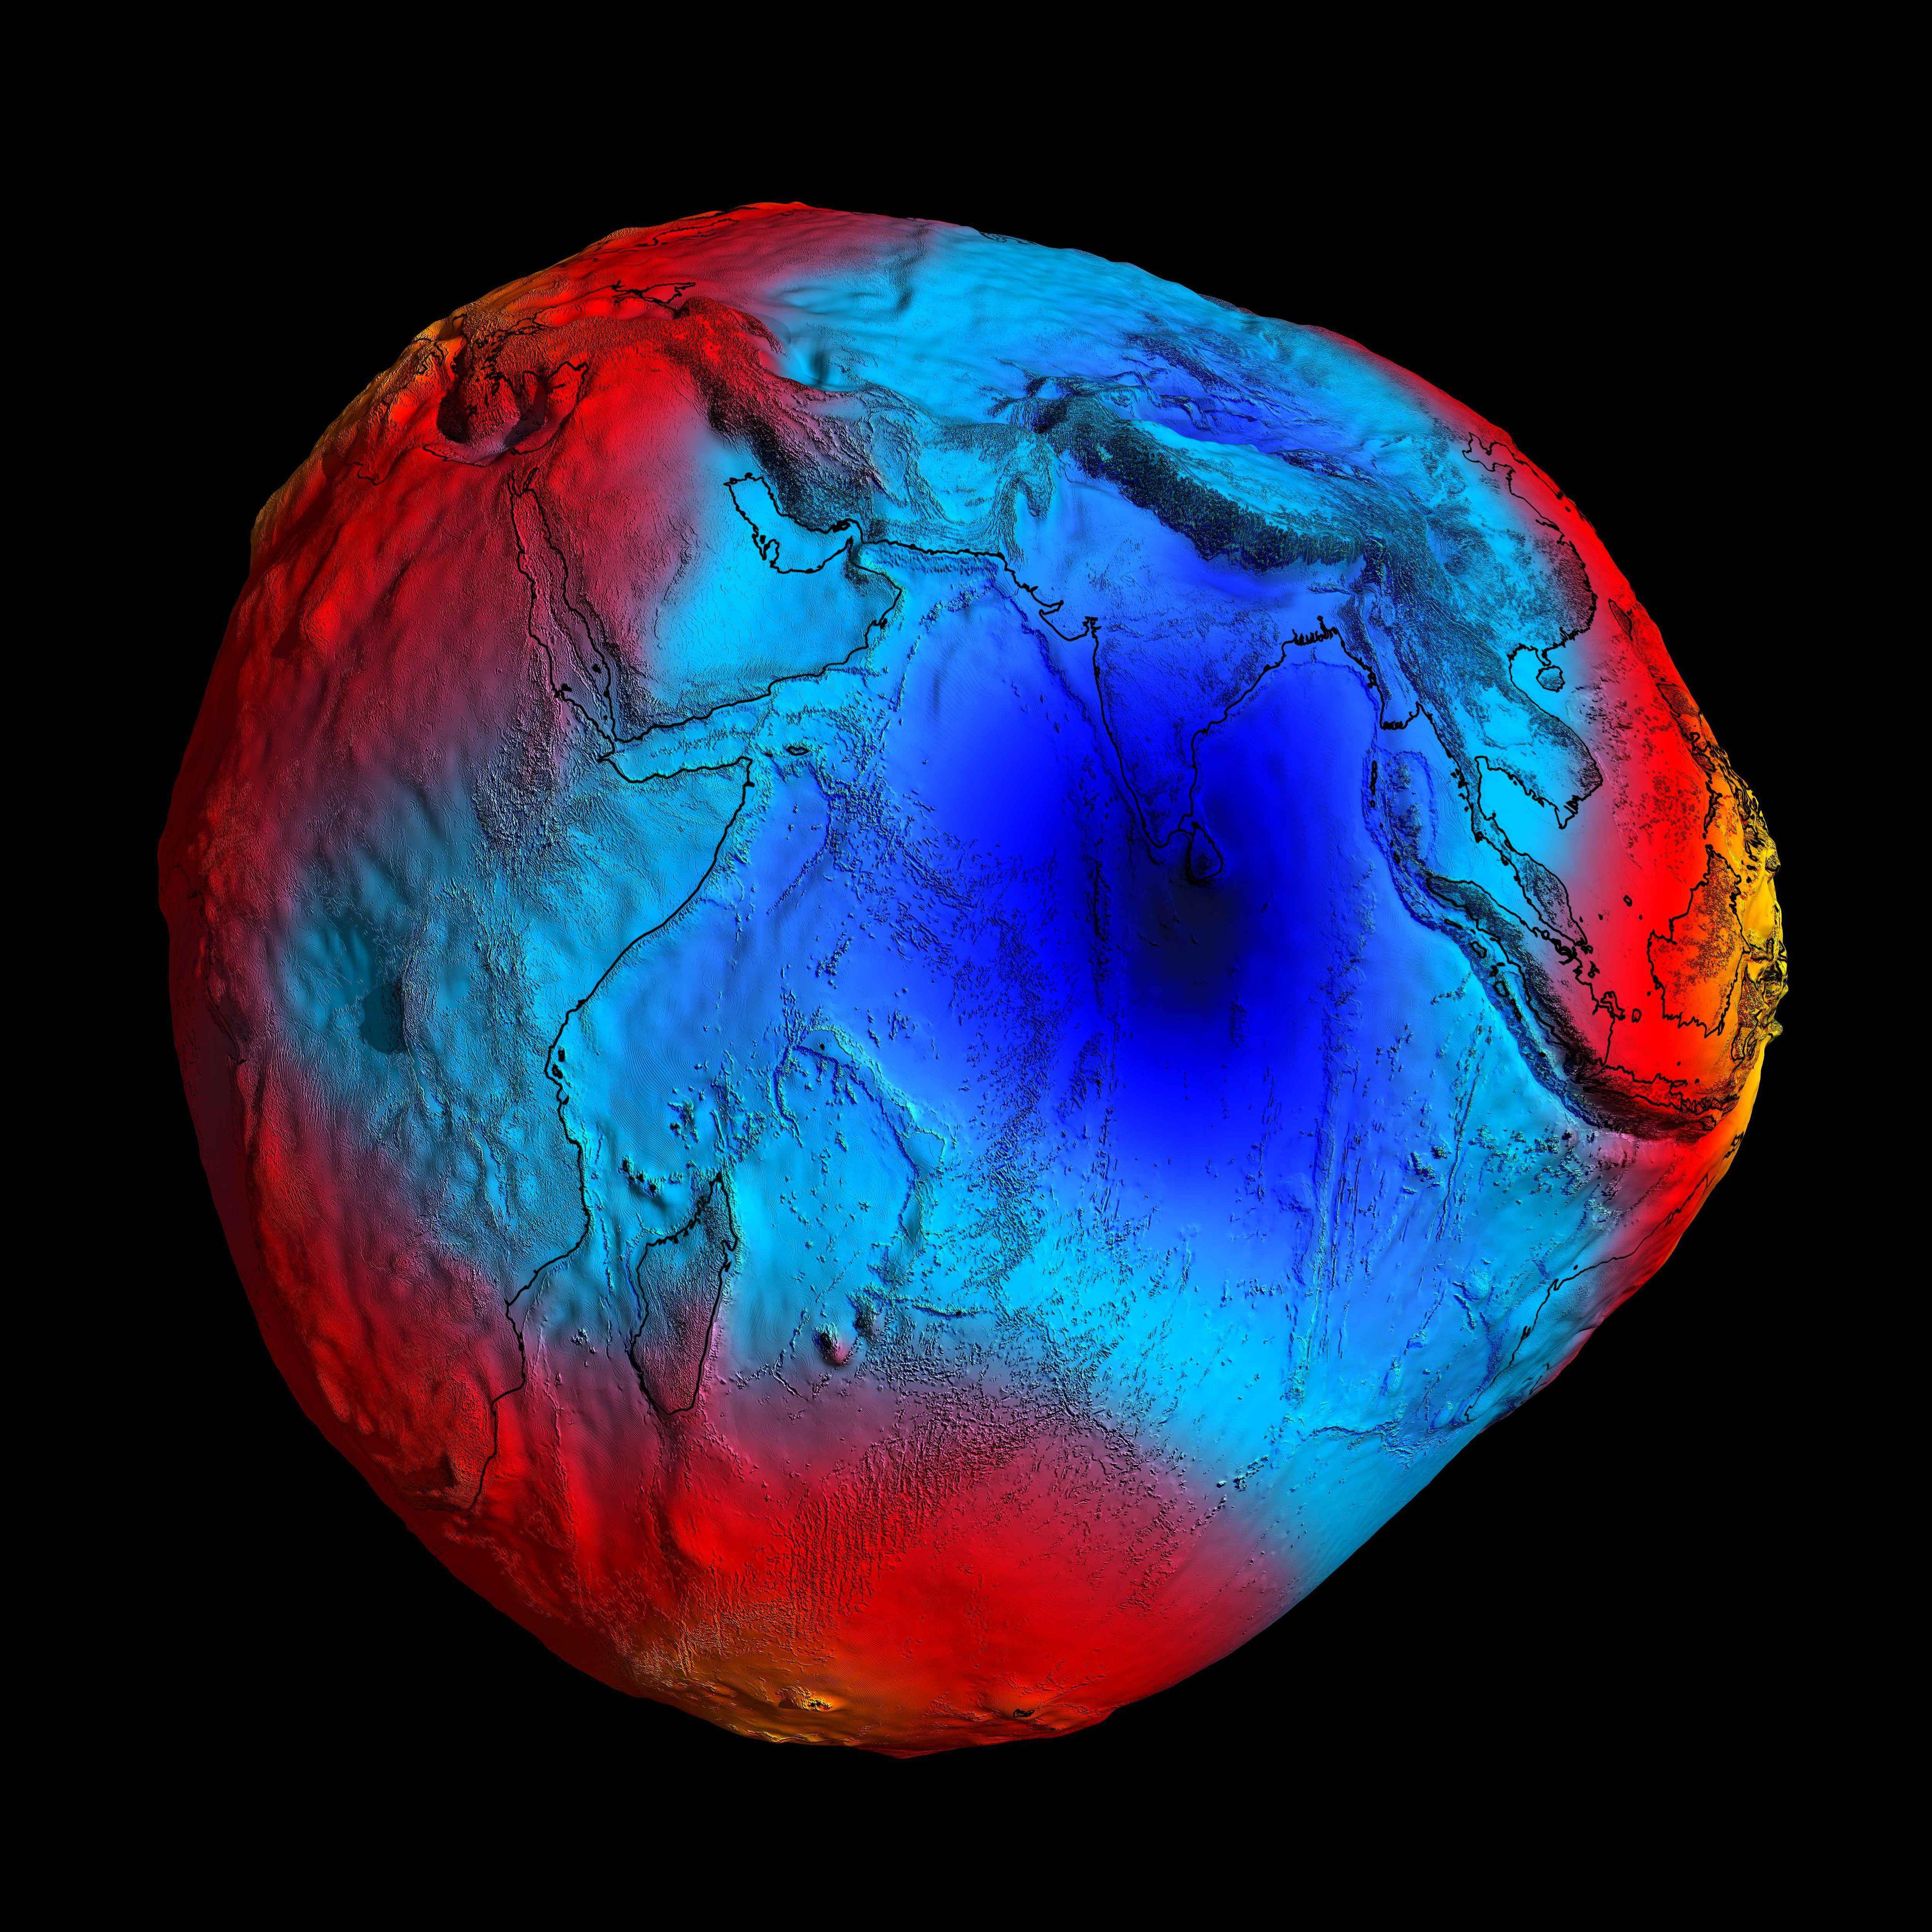 Dette er geoiden sett via satellitten GOCE i 2011. Her er det altså tegnet et omriss rundt jorda der tyngdekraften er lik som ved gjennomsnittlig havstand.